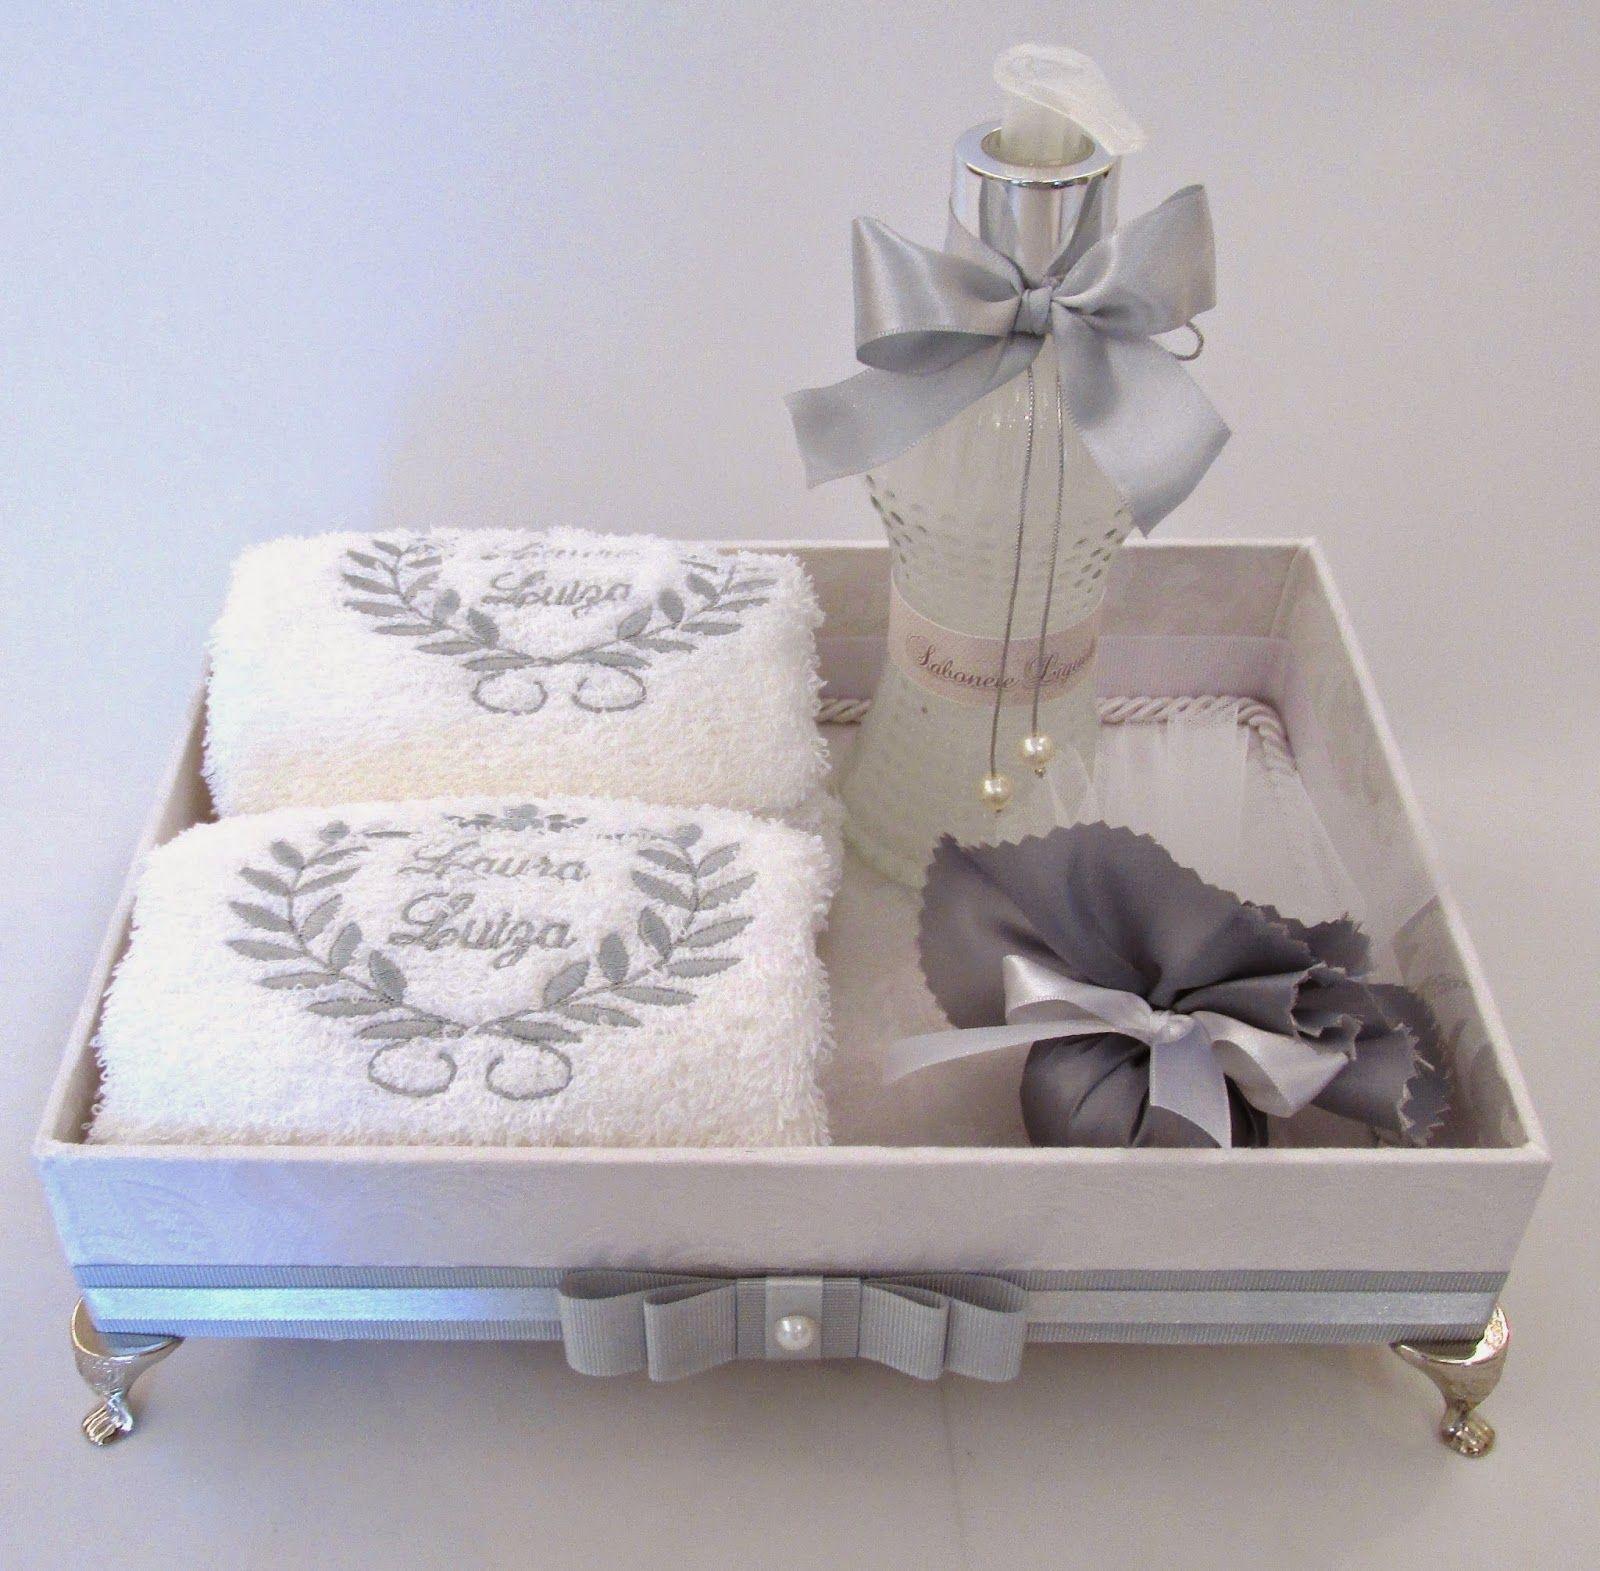 Kit Banheiro Casamento Luxo : Divina caixa kit lavabo para festa de batizado